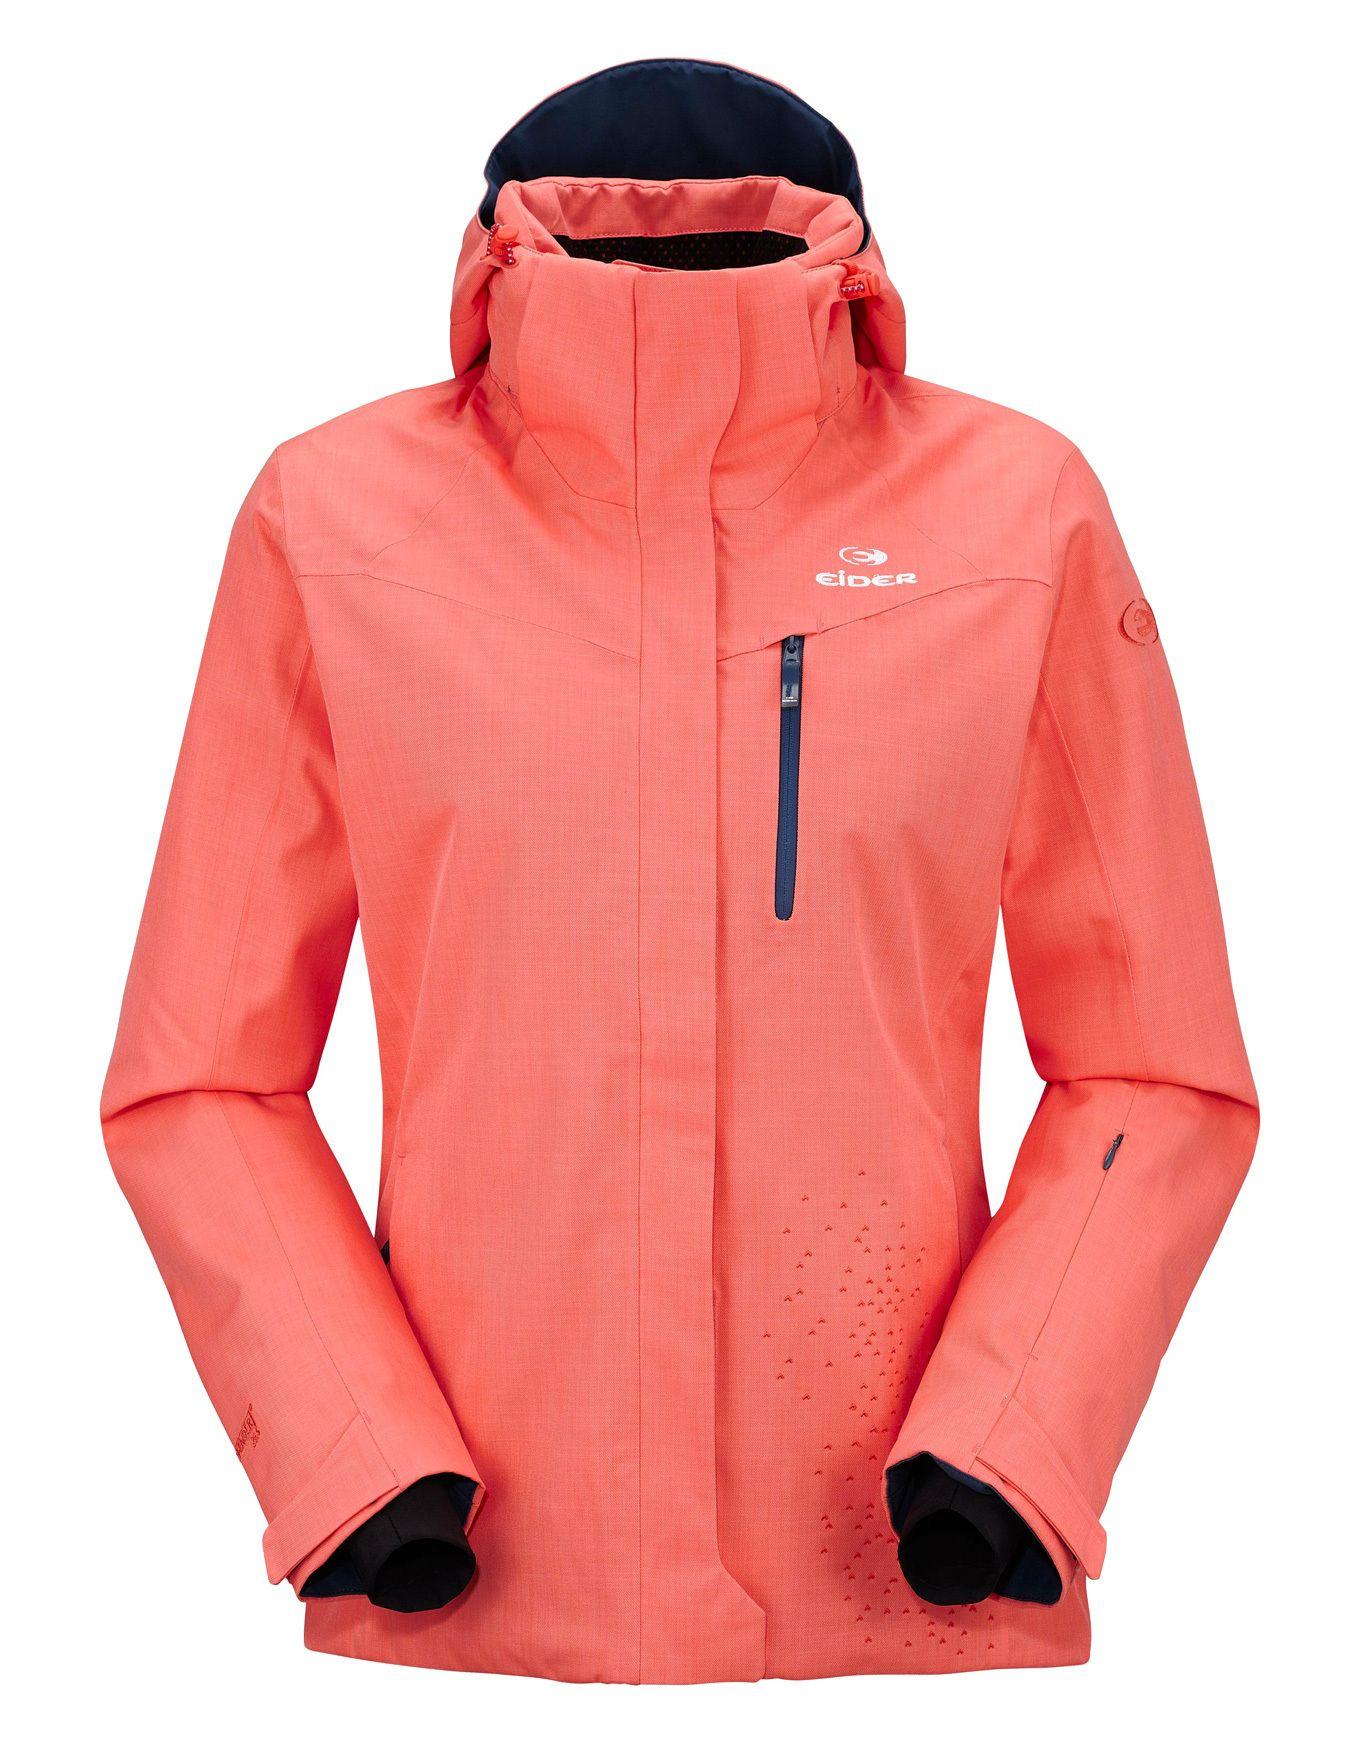 Veste ski femme eider rose